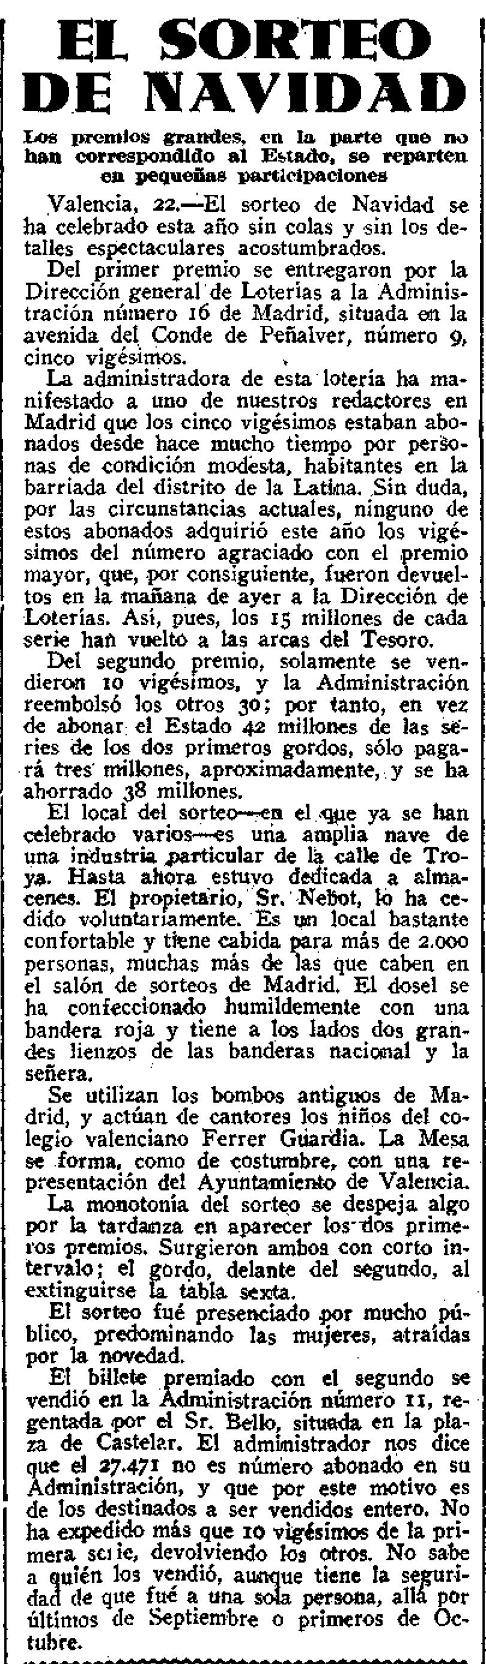 La Libertad, 23 de diciembre de 1936